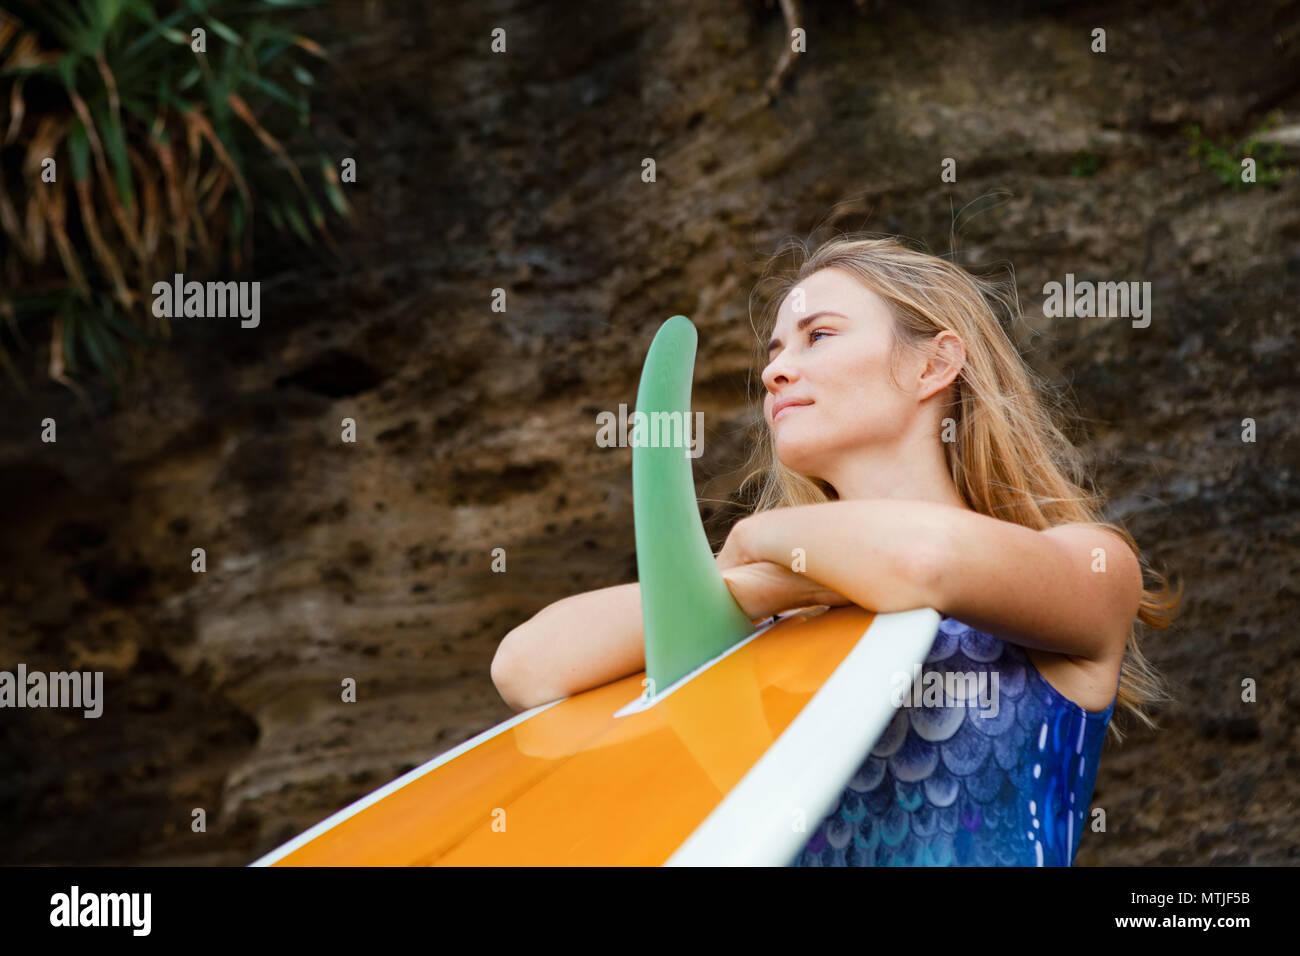 Chica en Bikini deportivo con soporte de tabla de surf por el acantilado negro en la playa. Surfer mujer mira al mar y surfear olas. Las personas activas en el deporte aventura Imagen De Stock